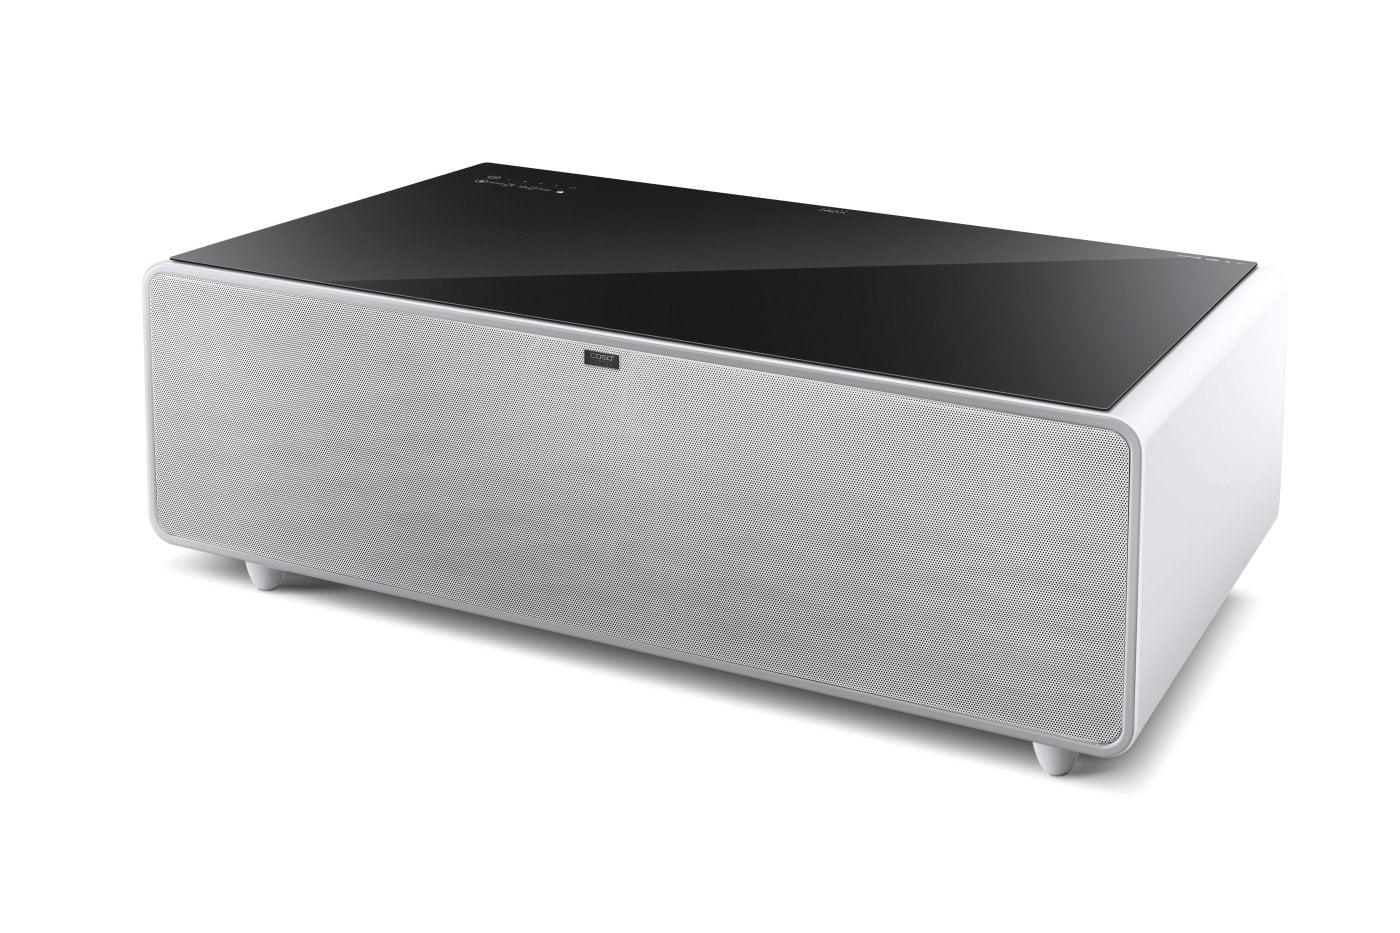 Caso Designs Sound & Cool ist ein eleganter Wohnzimmertisch mit Getränkekühler und Soundbar